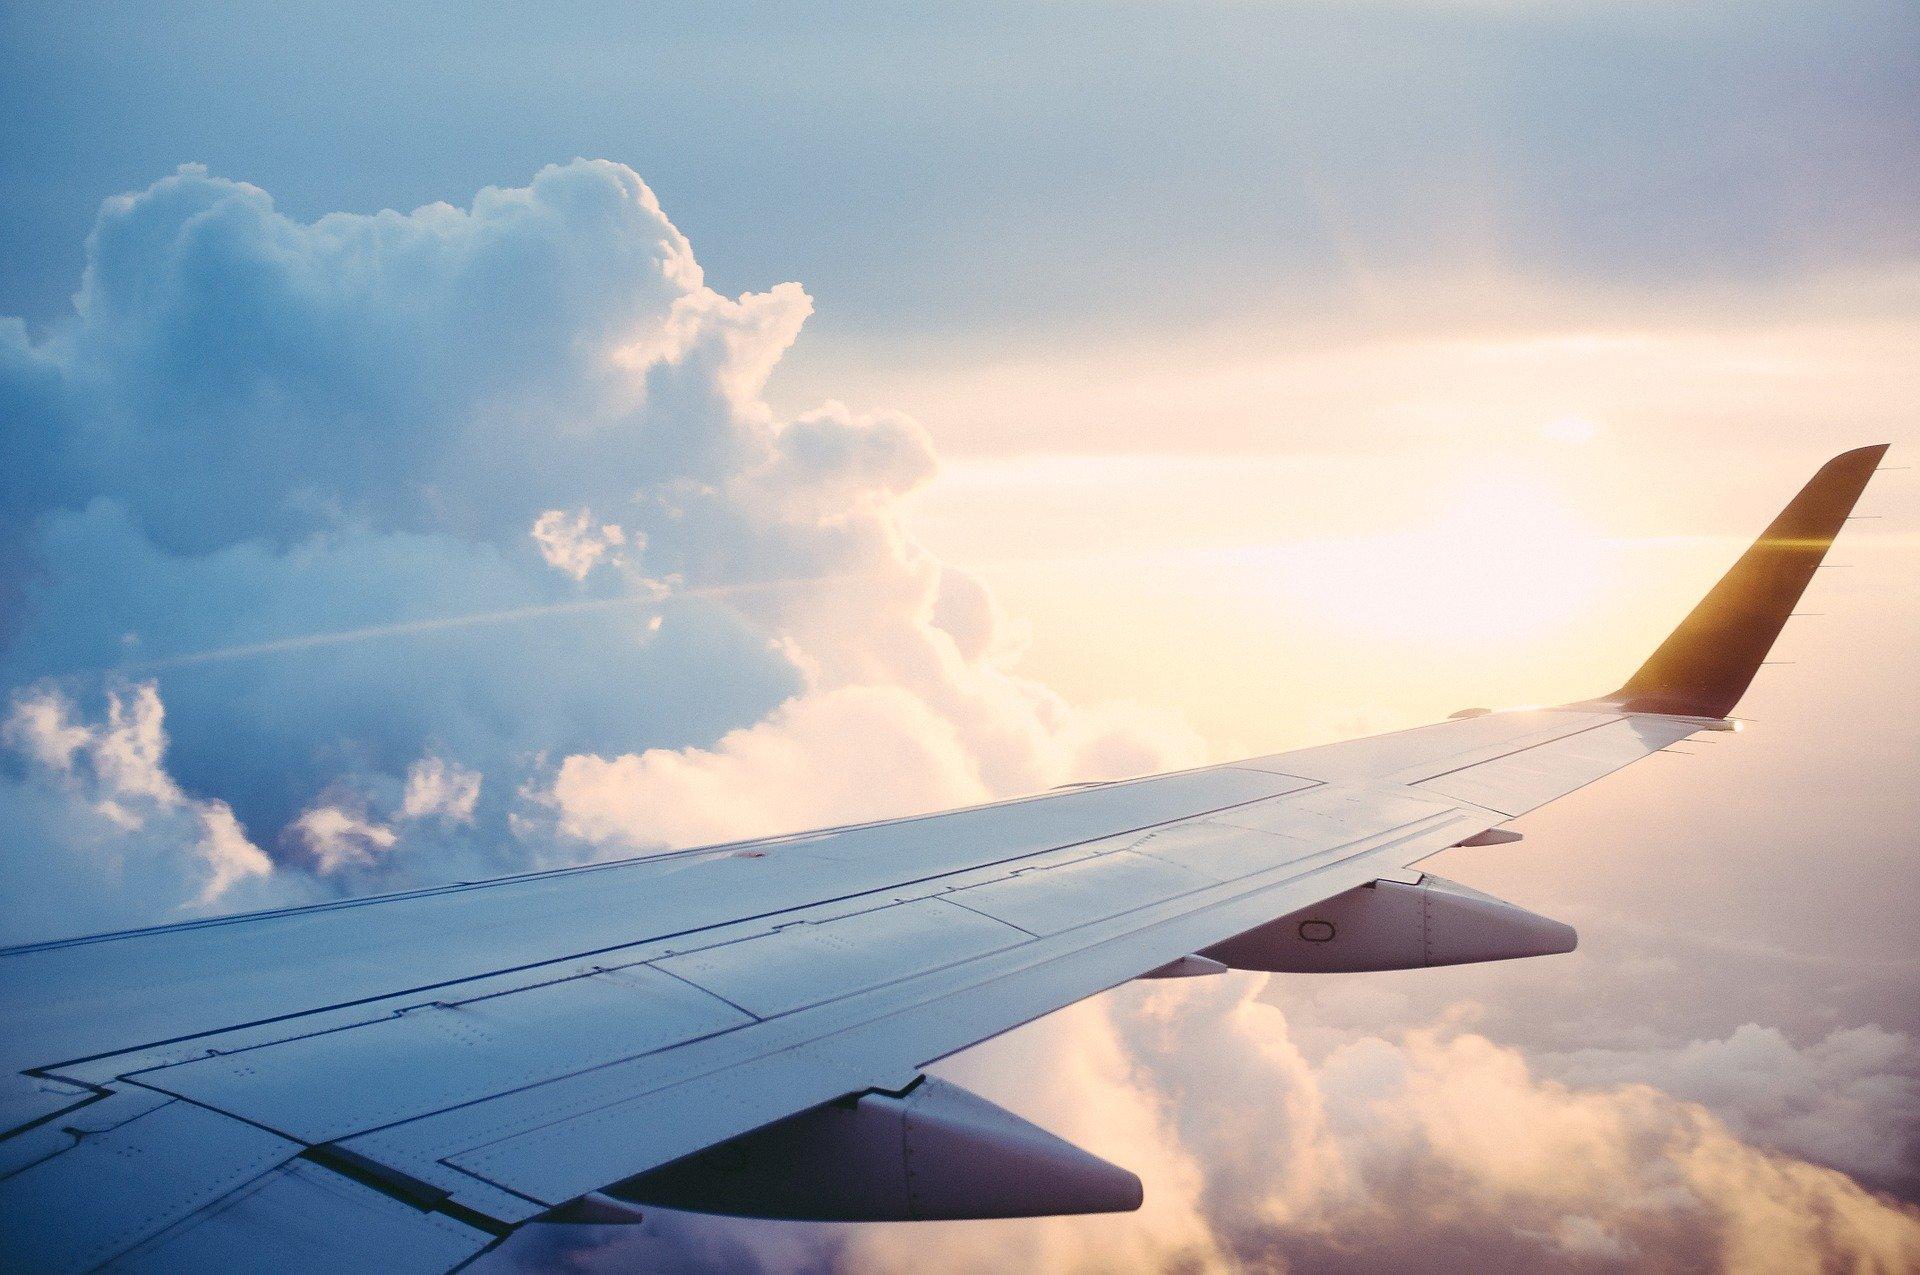 Flugreisen werden wieder stark nachgefragt